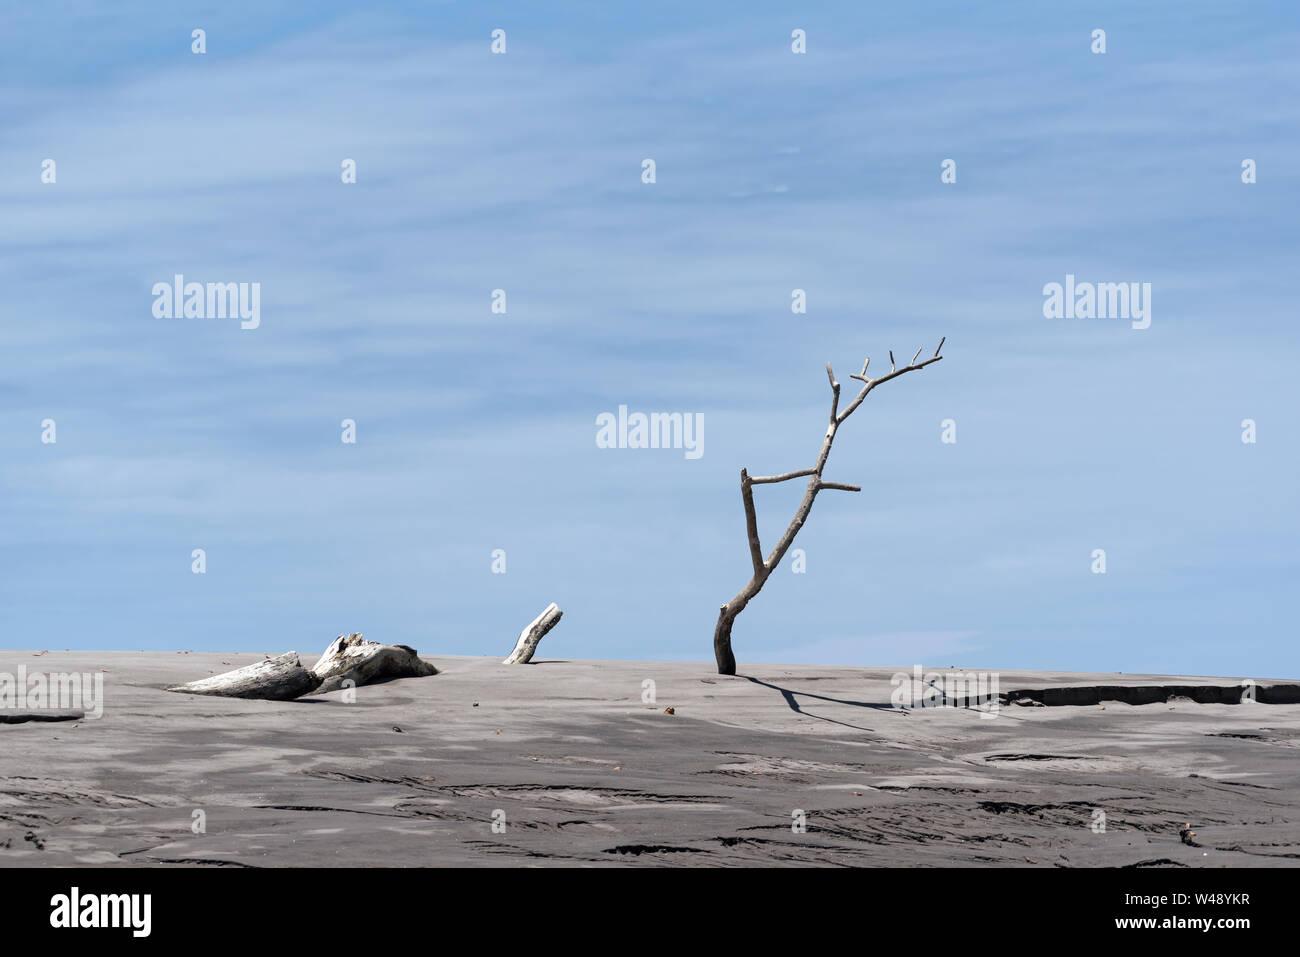 Dead tree on a sandbank in the estuary of the Rio Platana,l Panama Stock Photo